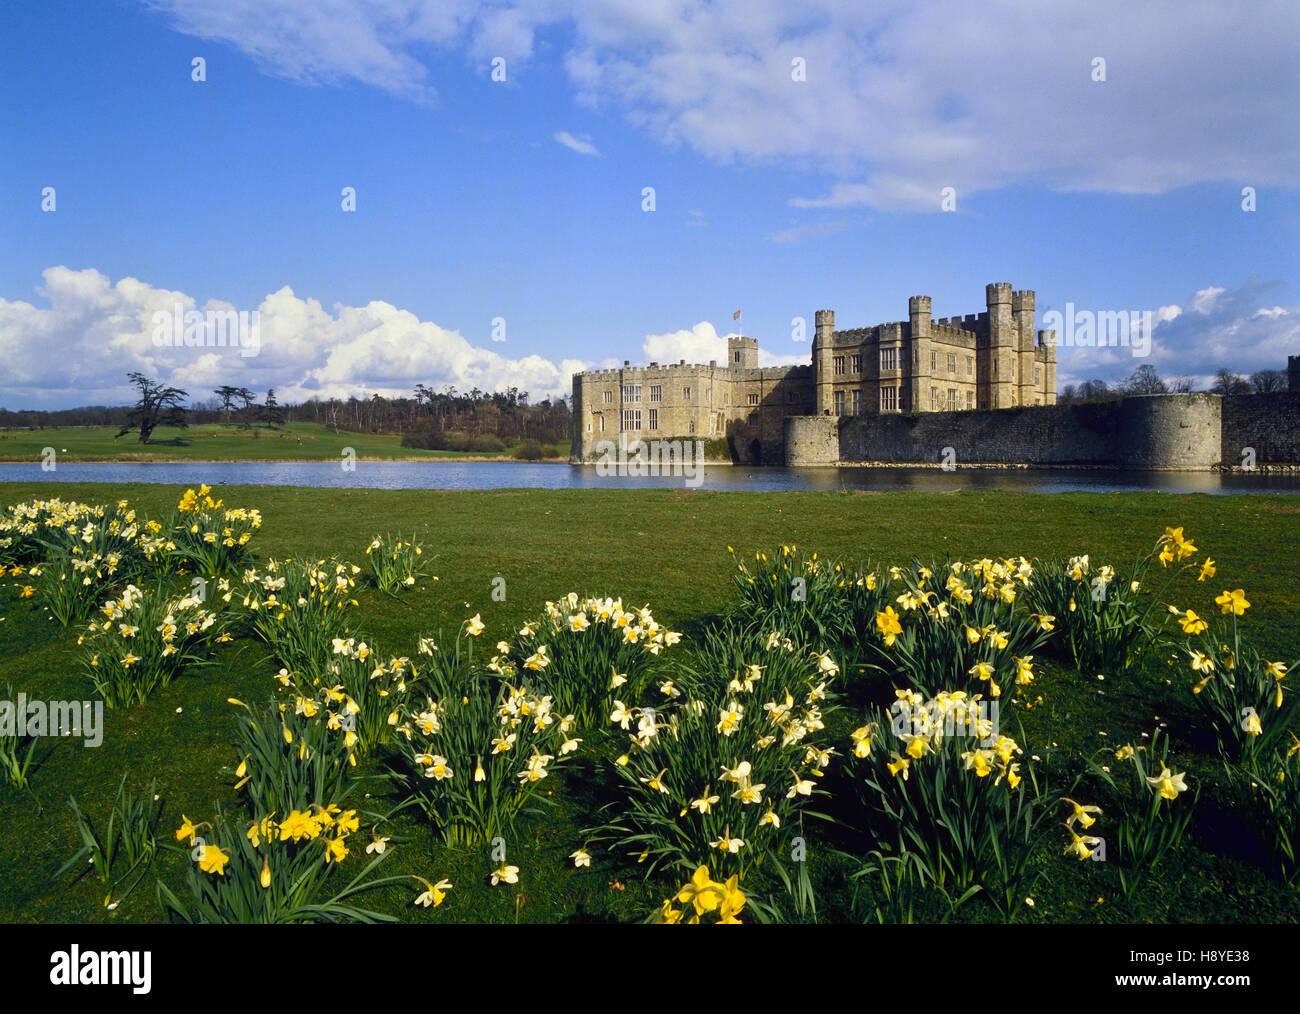 Le Château de Leeds au printemps. Kent. L'Angleterre. UK Photo Stock